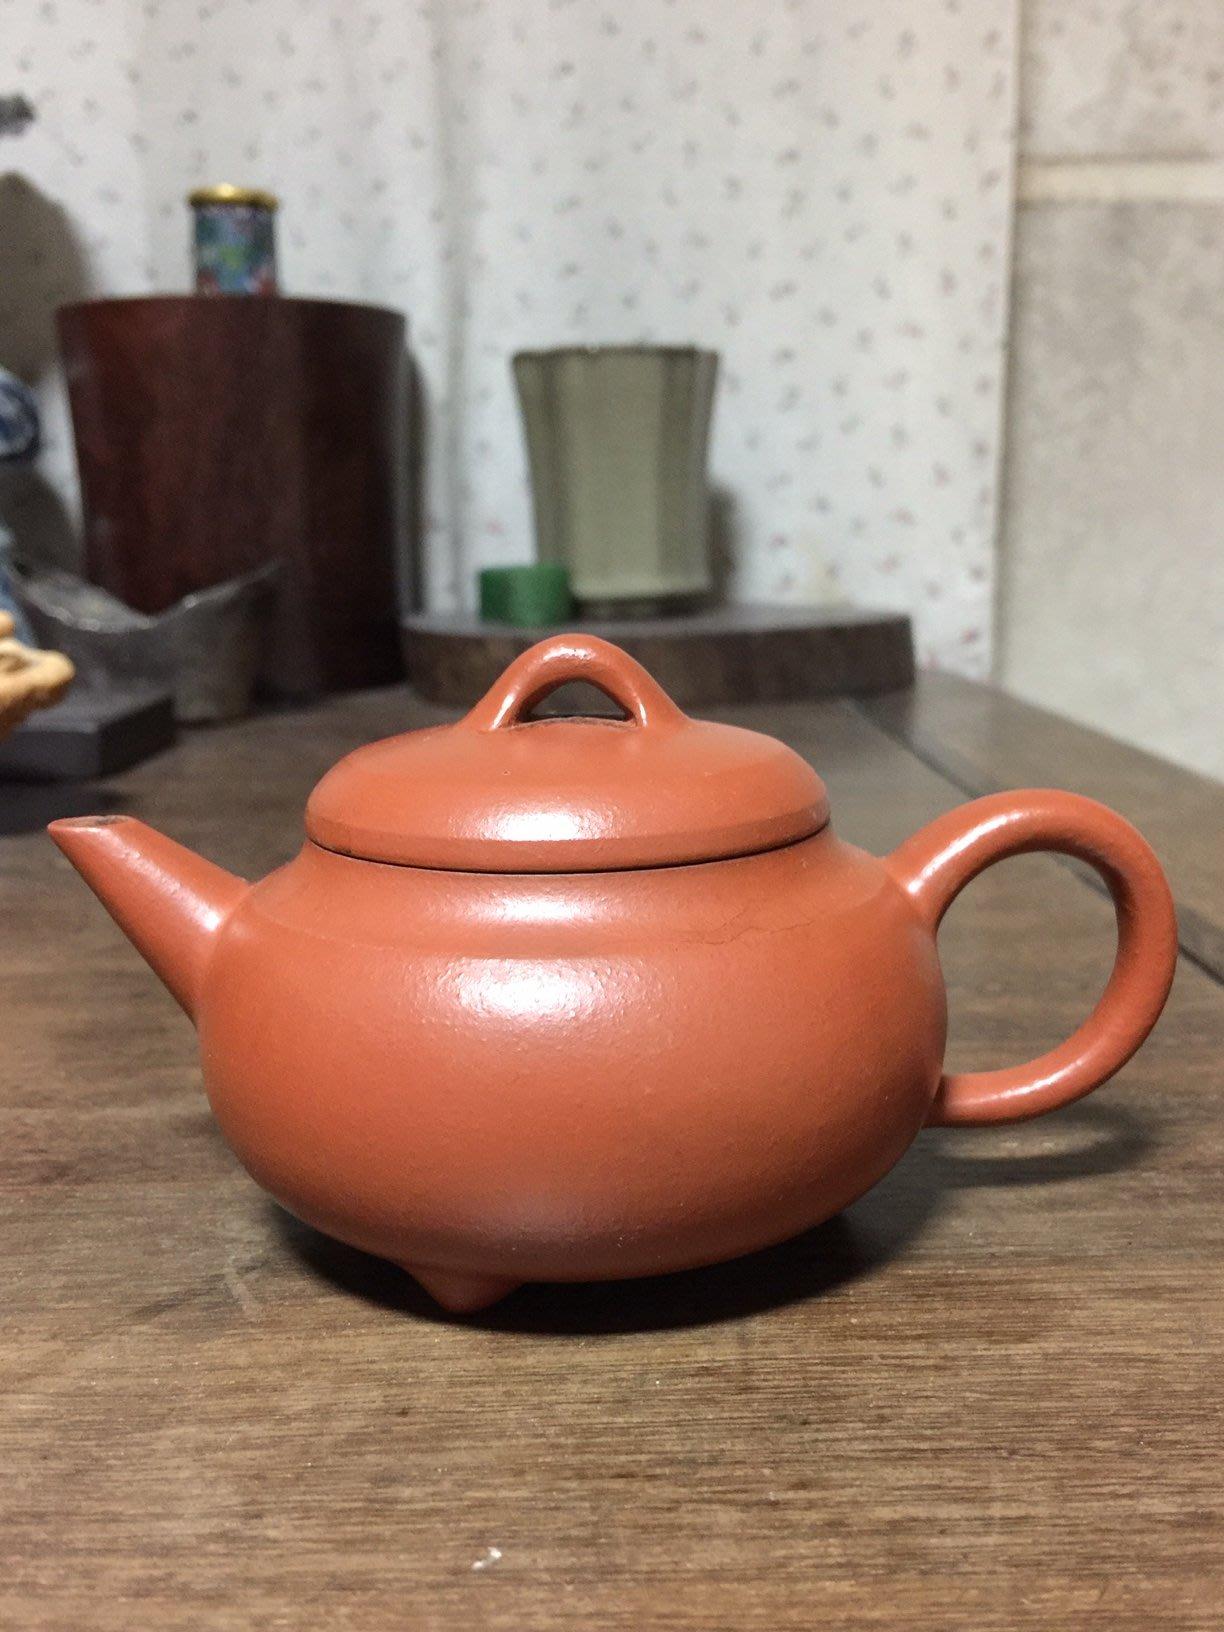 民國76年至曾財萬(阿萬師)處訂購之三腳直流細梨皮壺(約7-8杯容量)